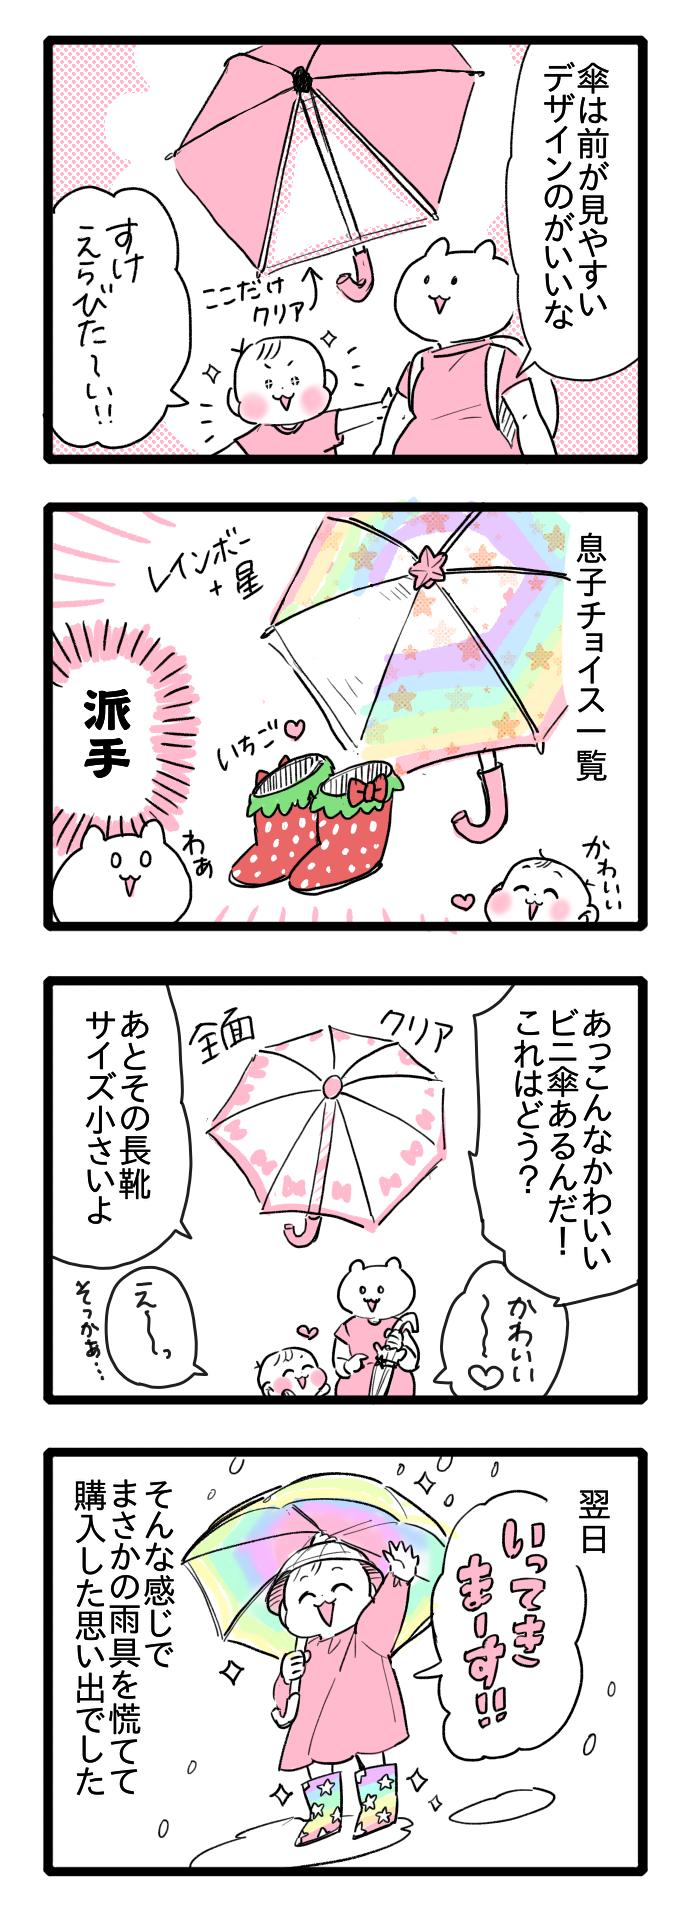 """梅雨シーズン到来!入園後はじめての""""雨予報""""で、ちょっと焦ってしまった話の画像3"""